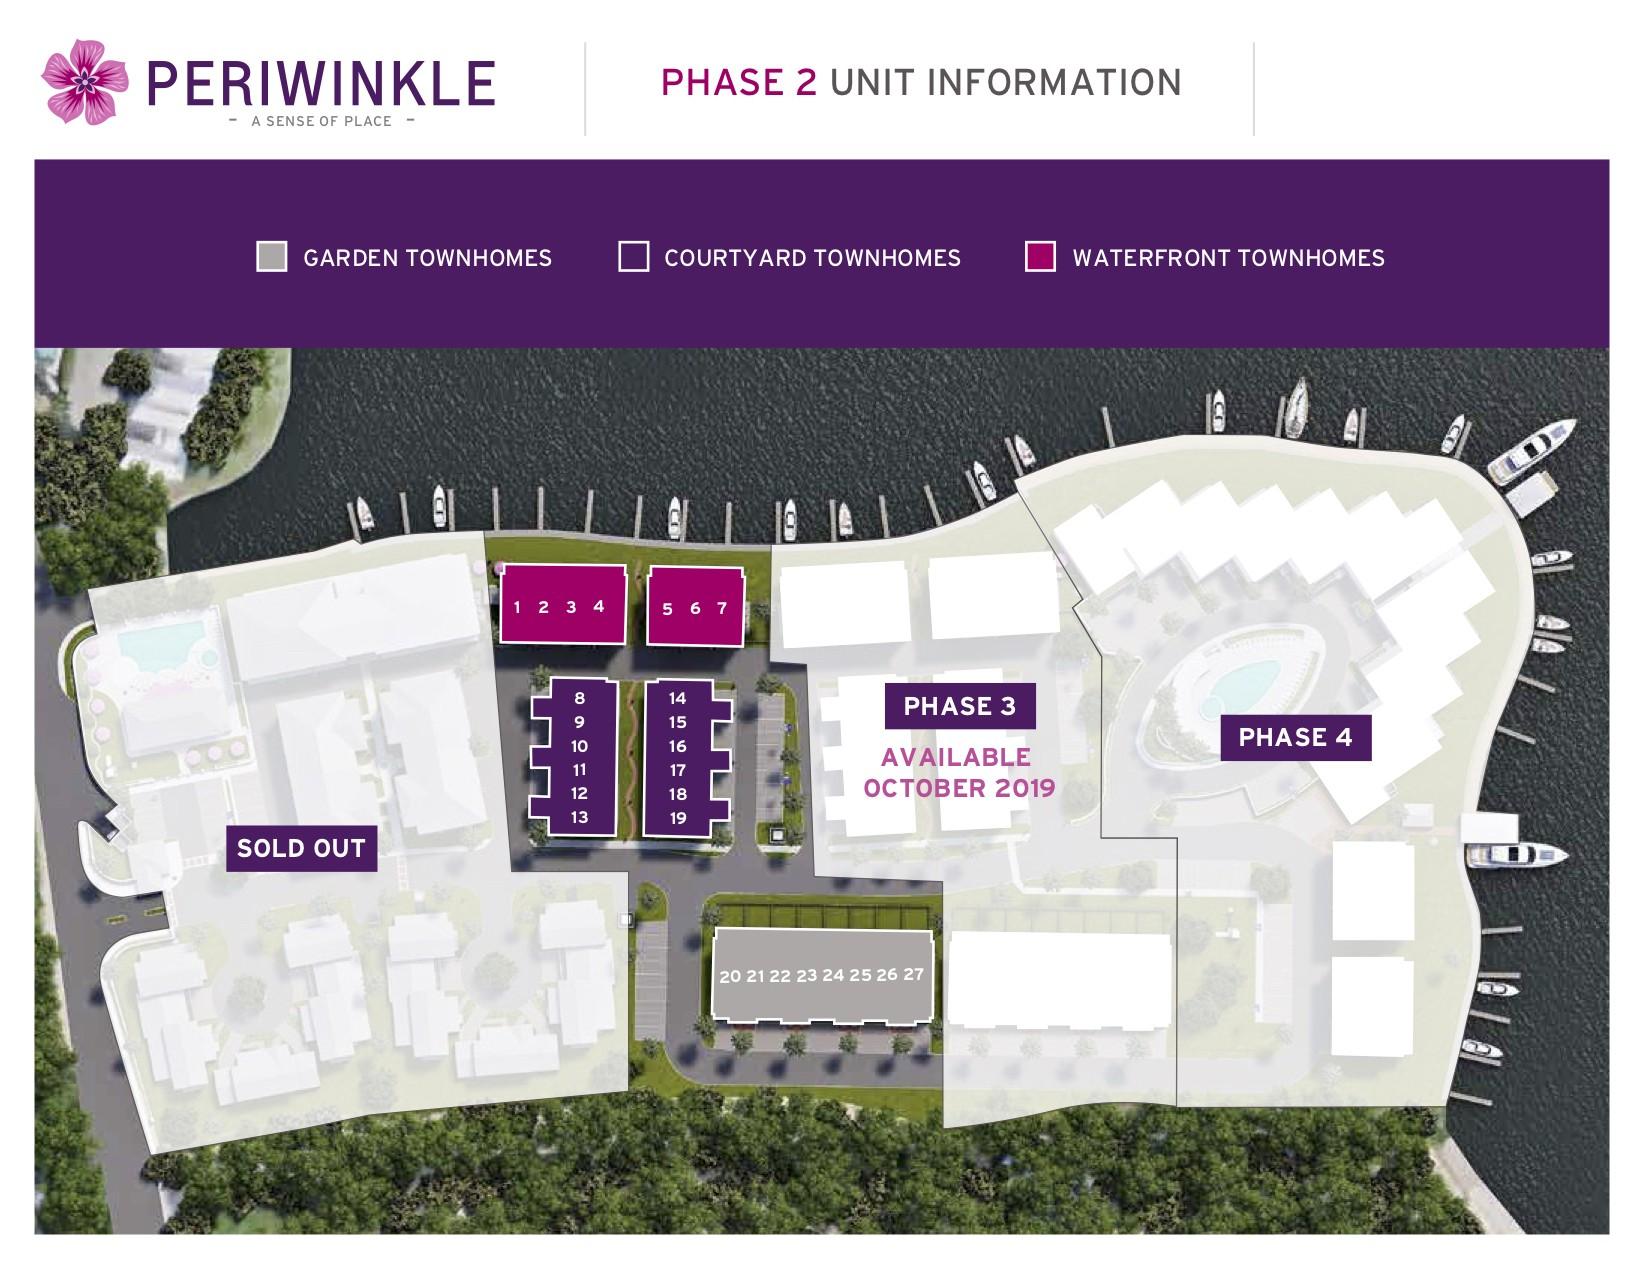 Periwinkle - Phase 2 Unit Information - Image 1